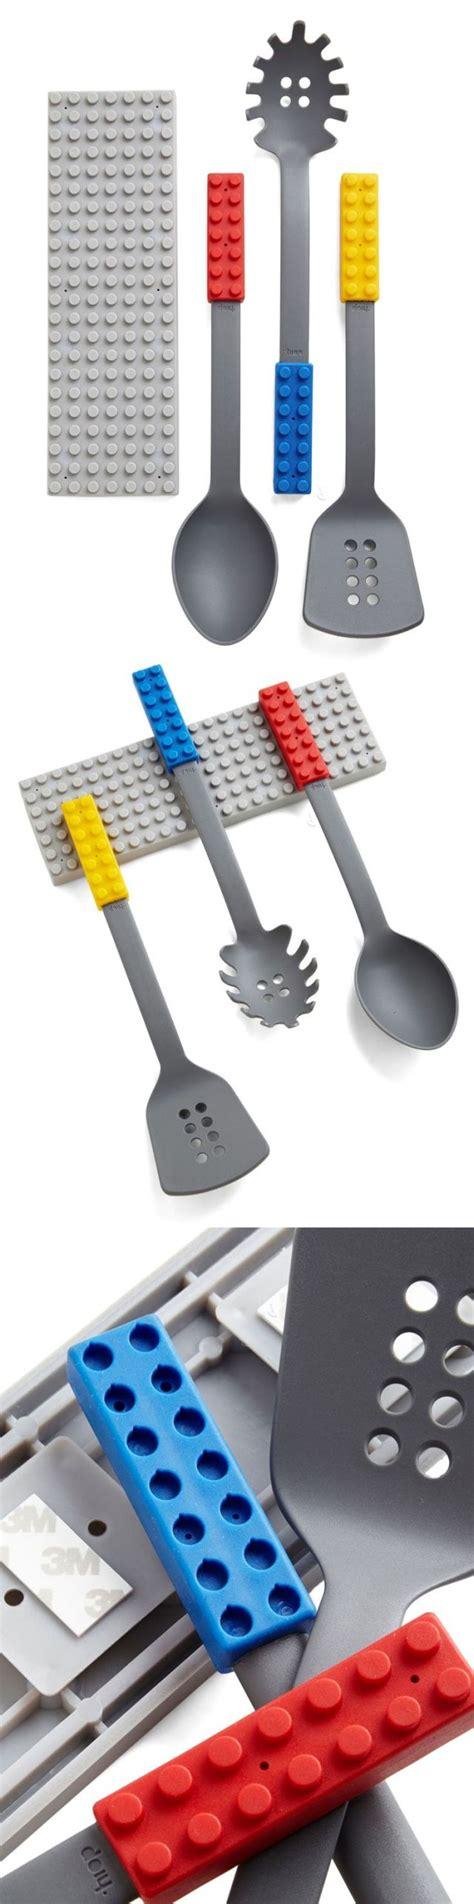 Unique Kitchen Utensils 435 Best Images About Unique Kitchen Gadgets Utensils